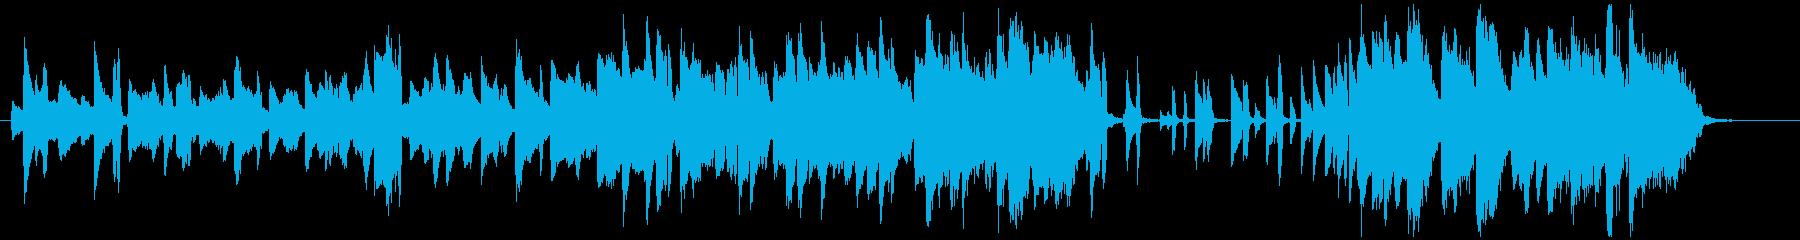 ほっこりピッコロとピアノDuoの再生済みの波形